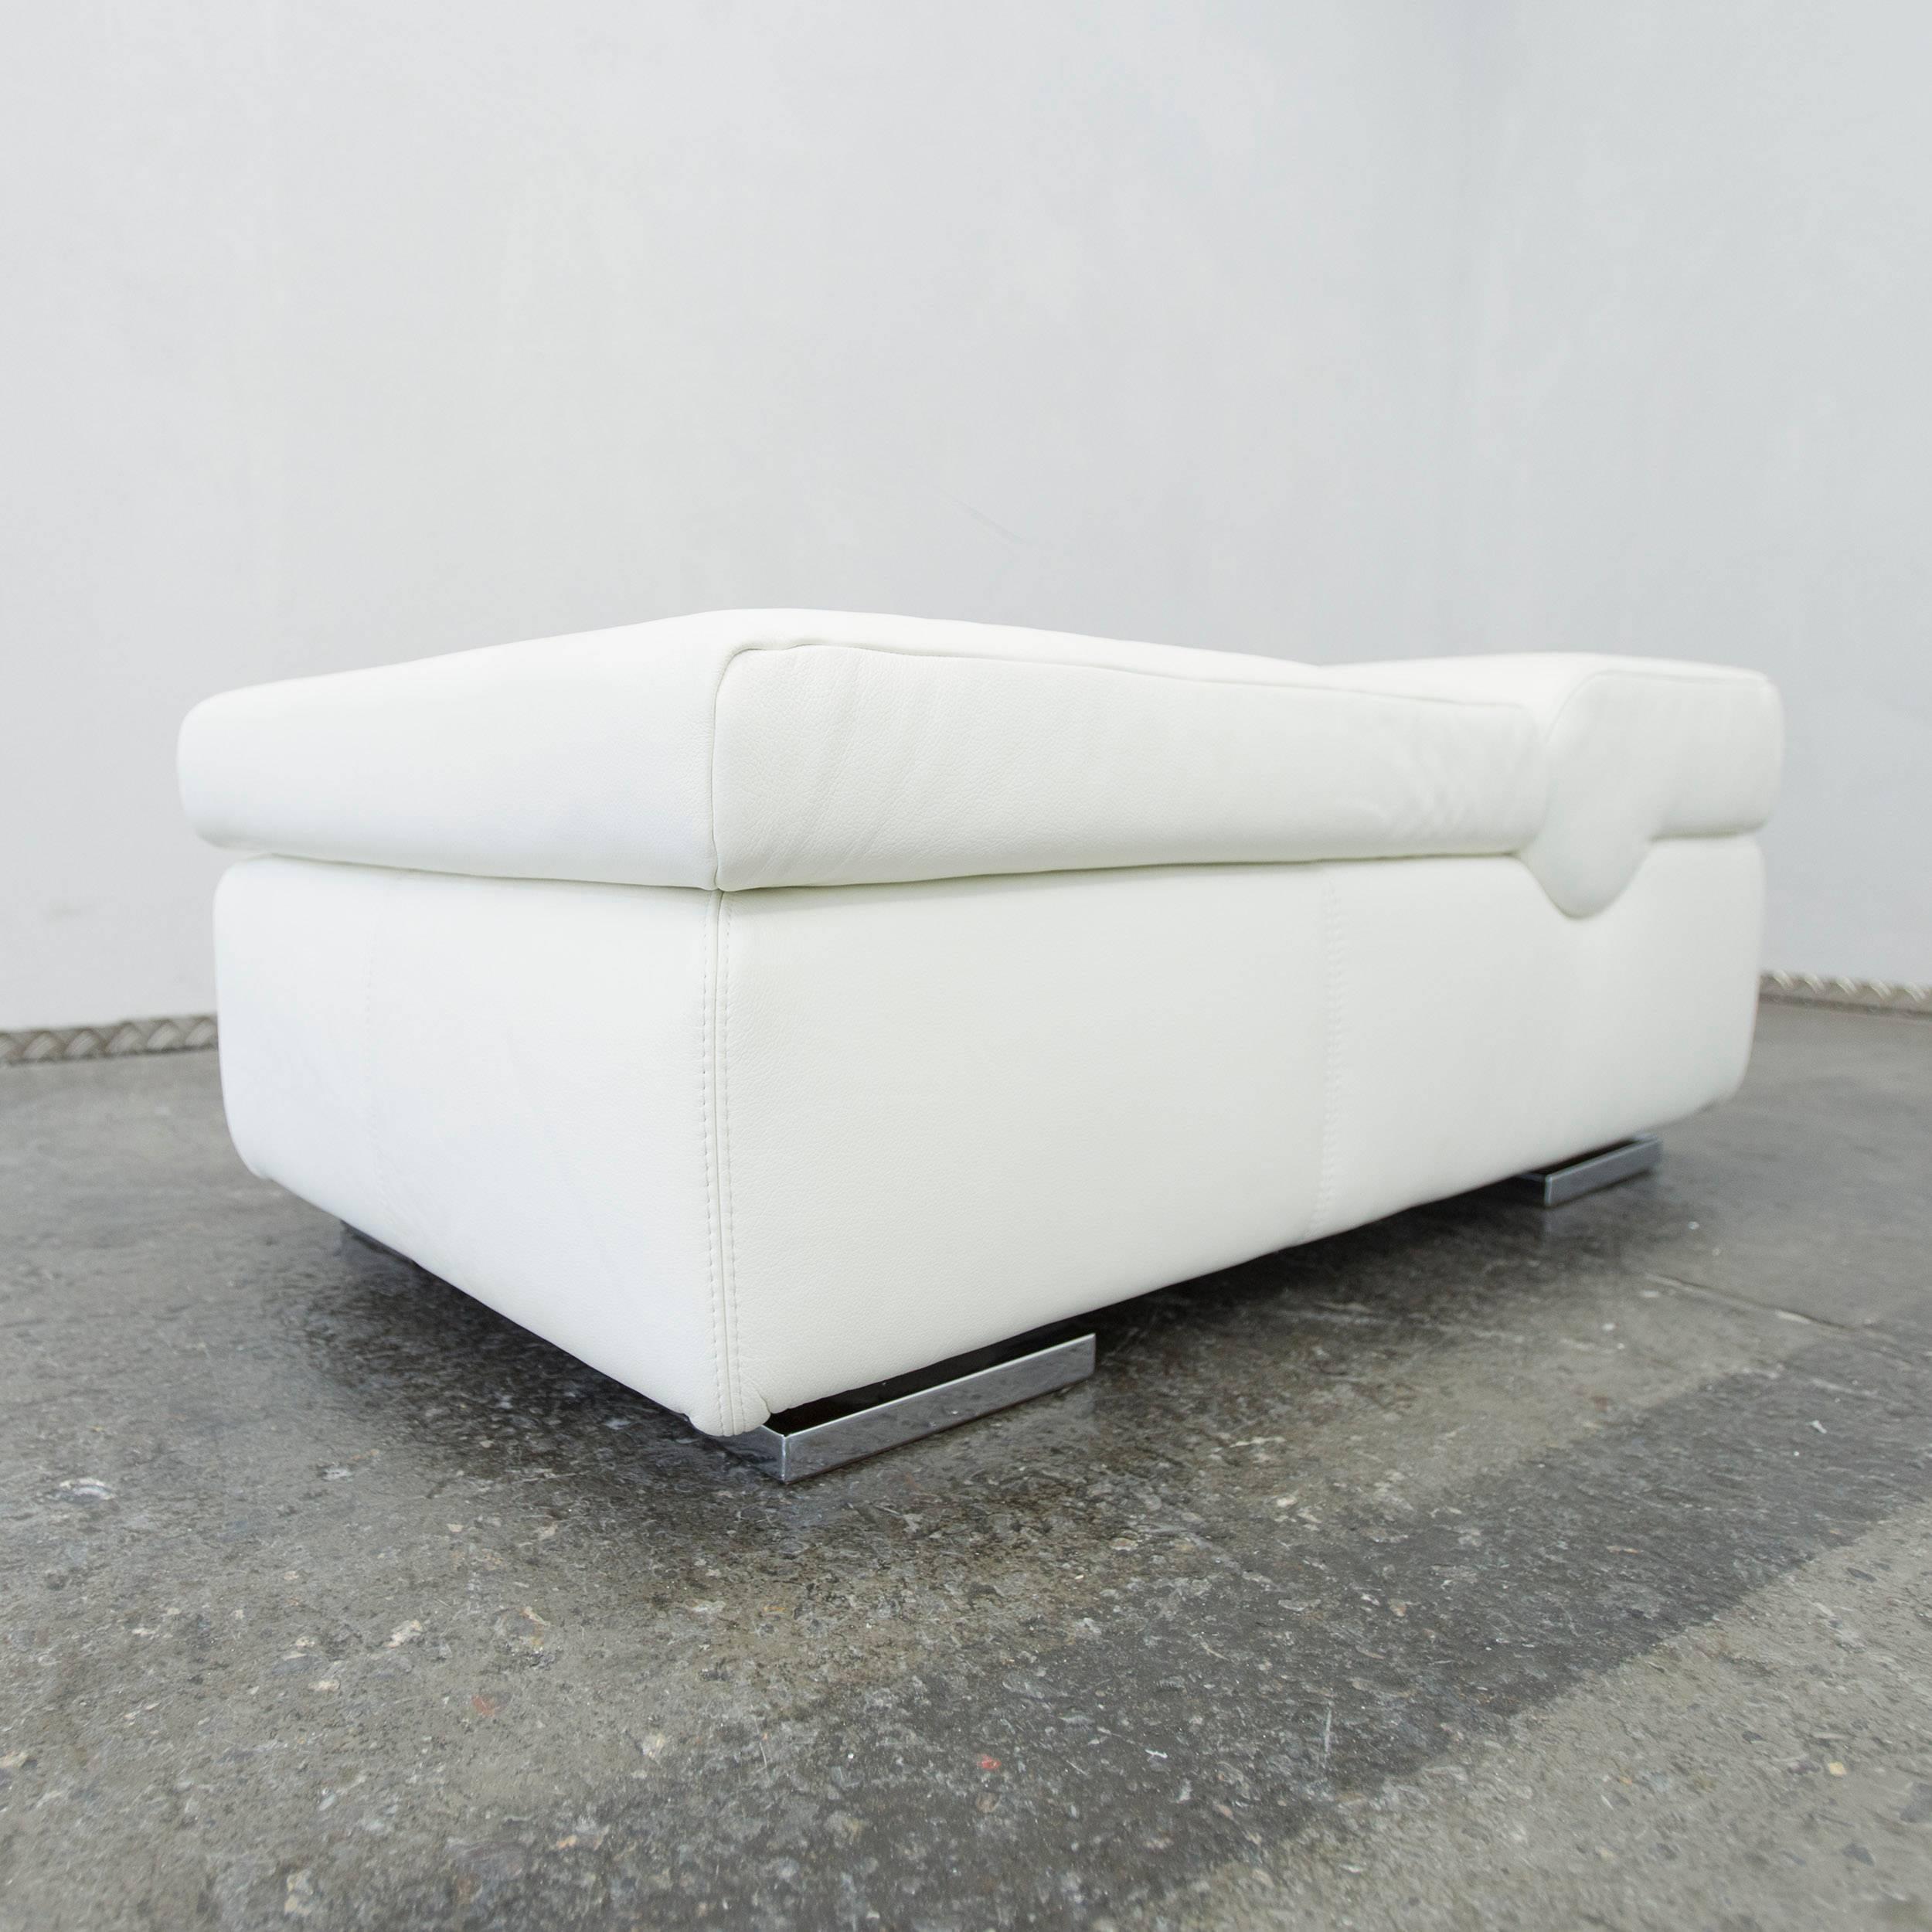 esstisch couch sessel fr esstisch frisch tisch fr couch home affaire speisesofa fehmarn in. Black Bedroom Furniture Sets. Home Design Ideas